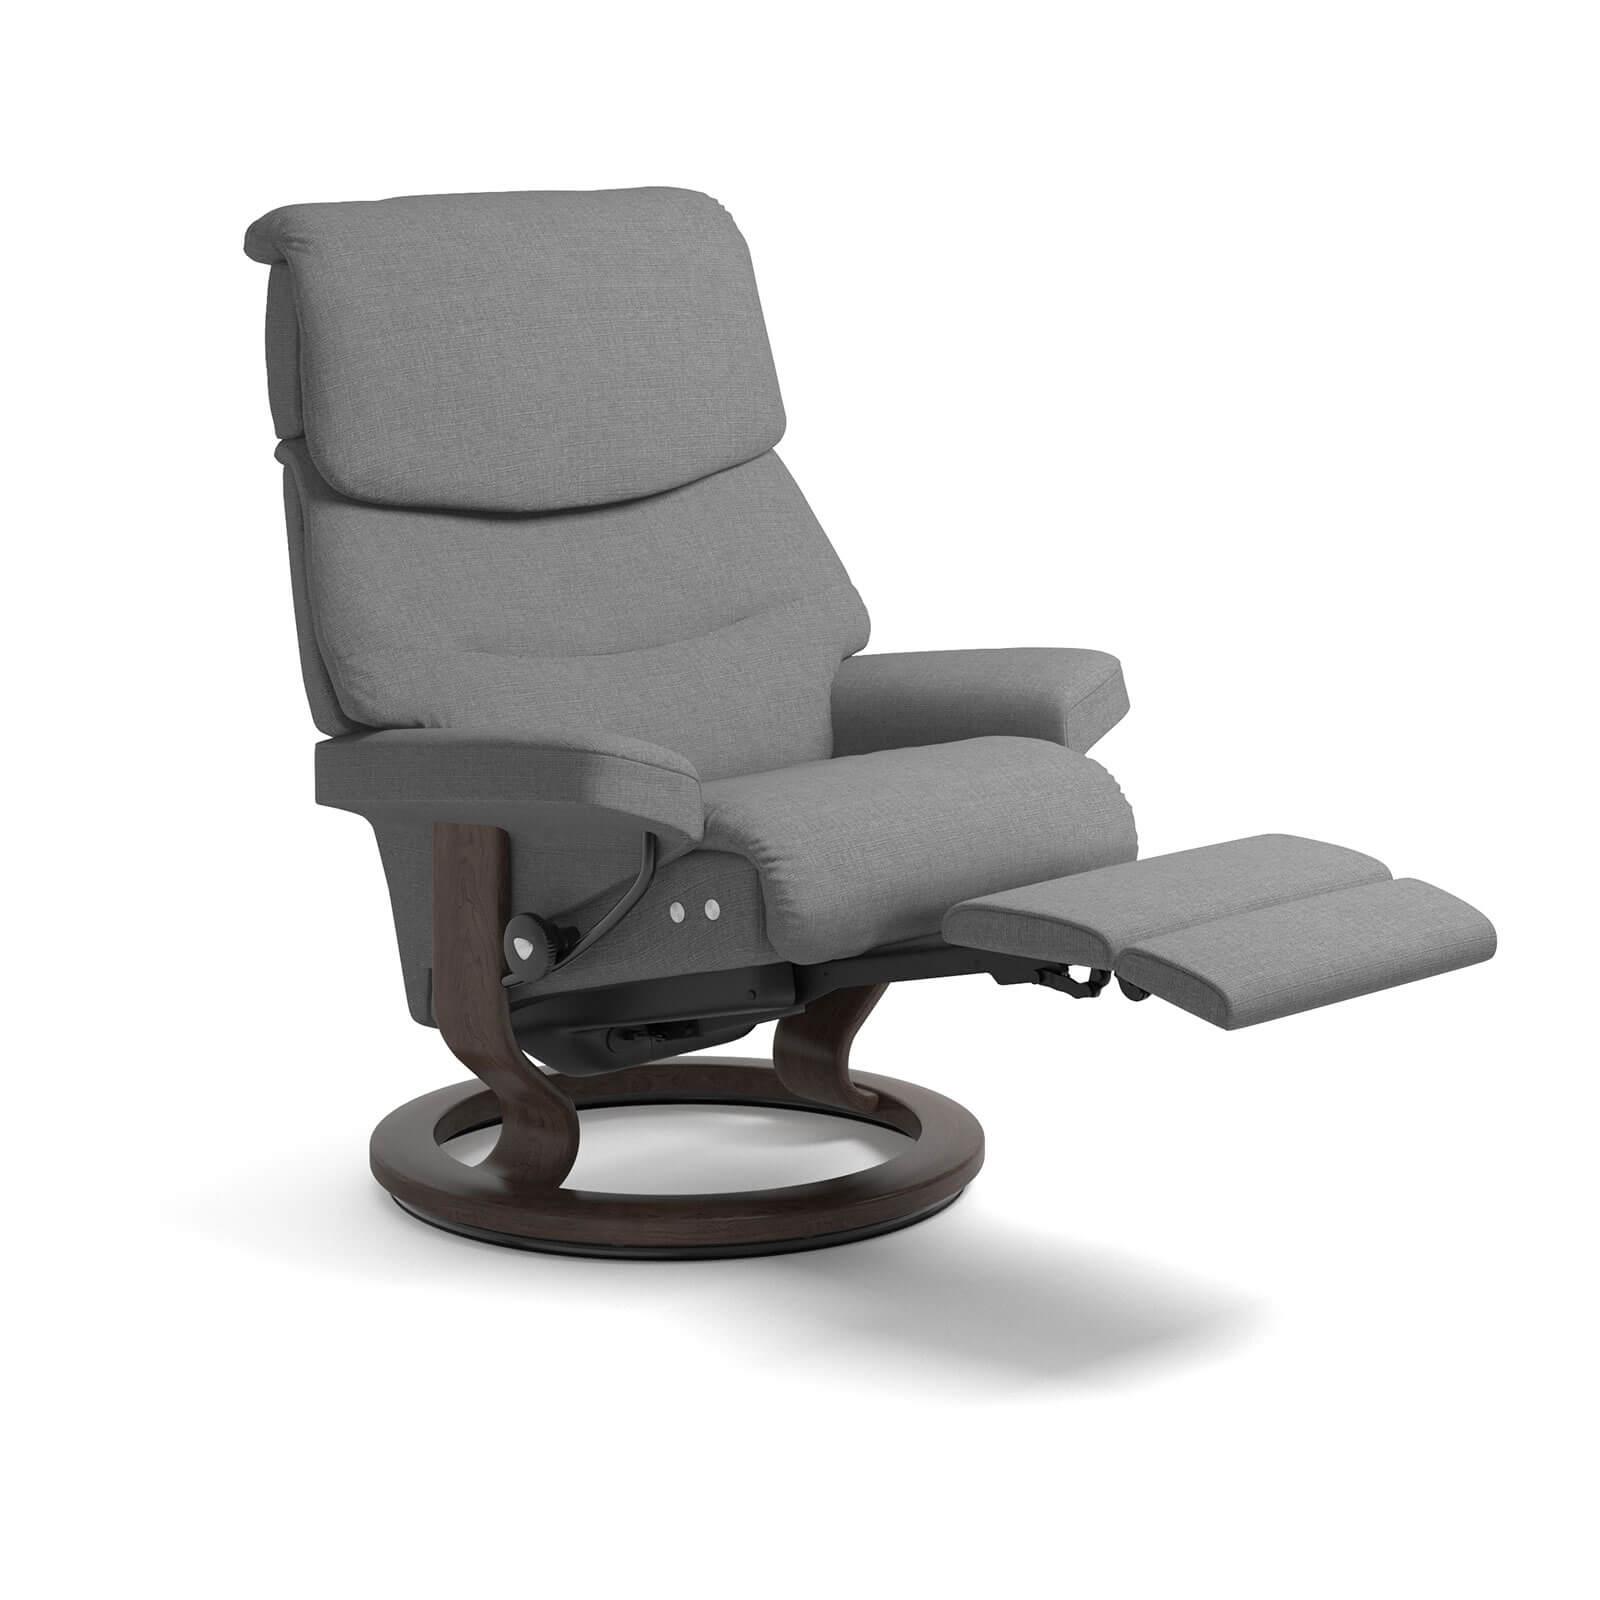 stressless capri legcomfort grau stressless online shop. Black Bedroom Furniture Sets. Home Design Ideas